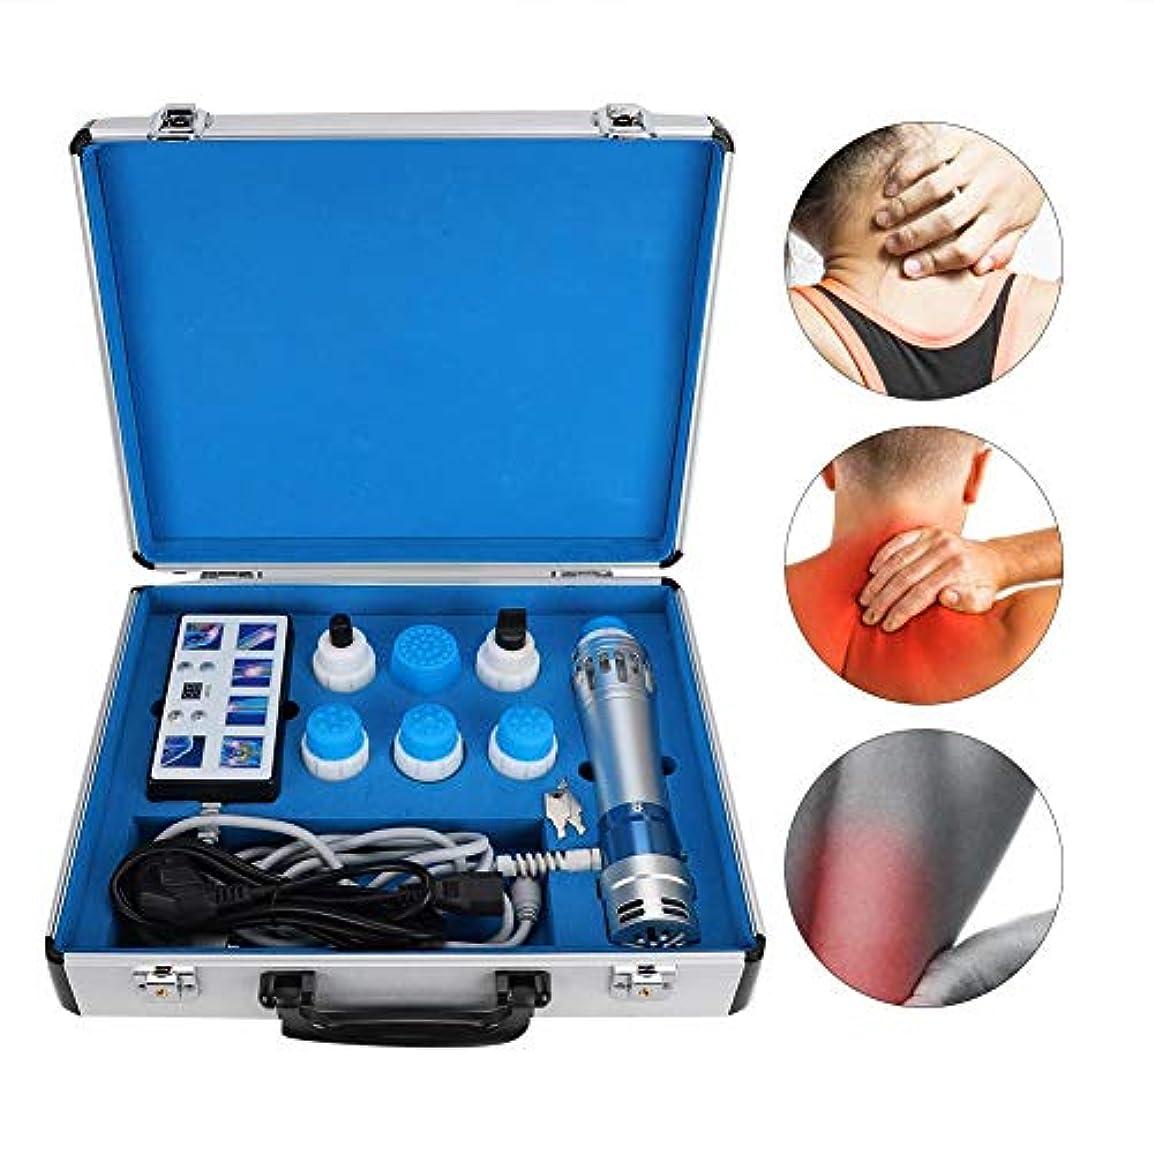 レーニン主義効率剥ぎ取るED体外衝撃波治療器、多機能疼痛緩和マッサージ器(USプラグ110V)